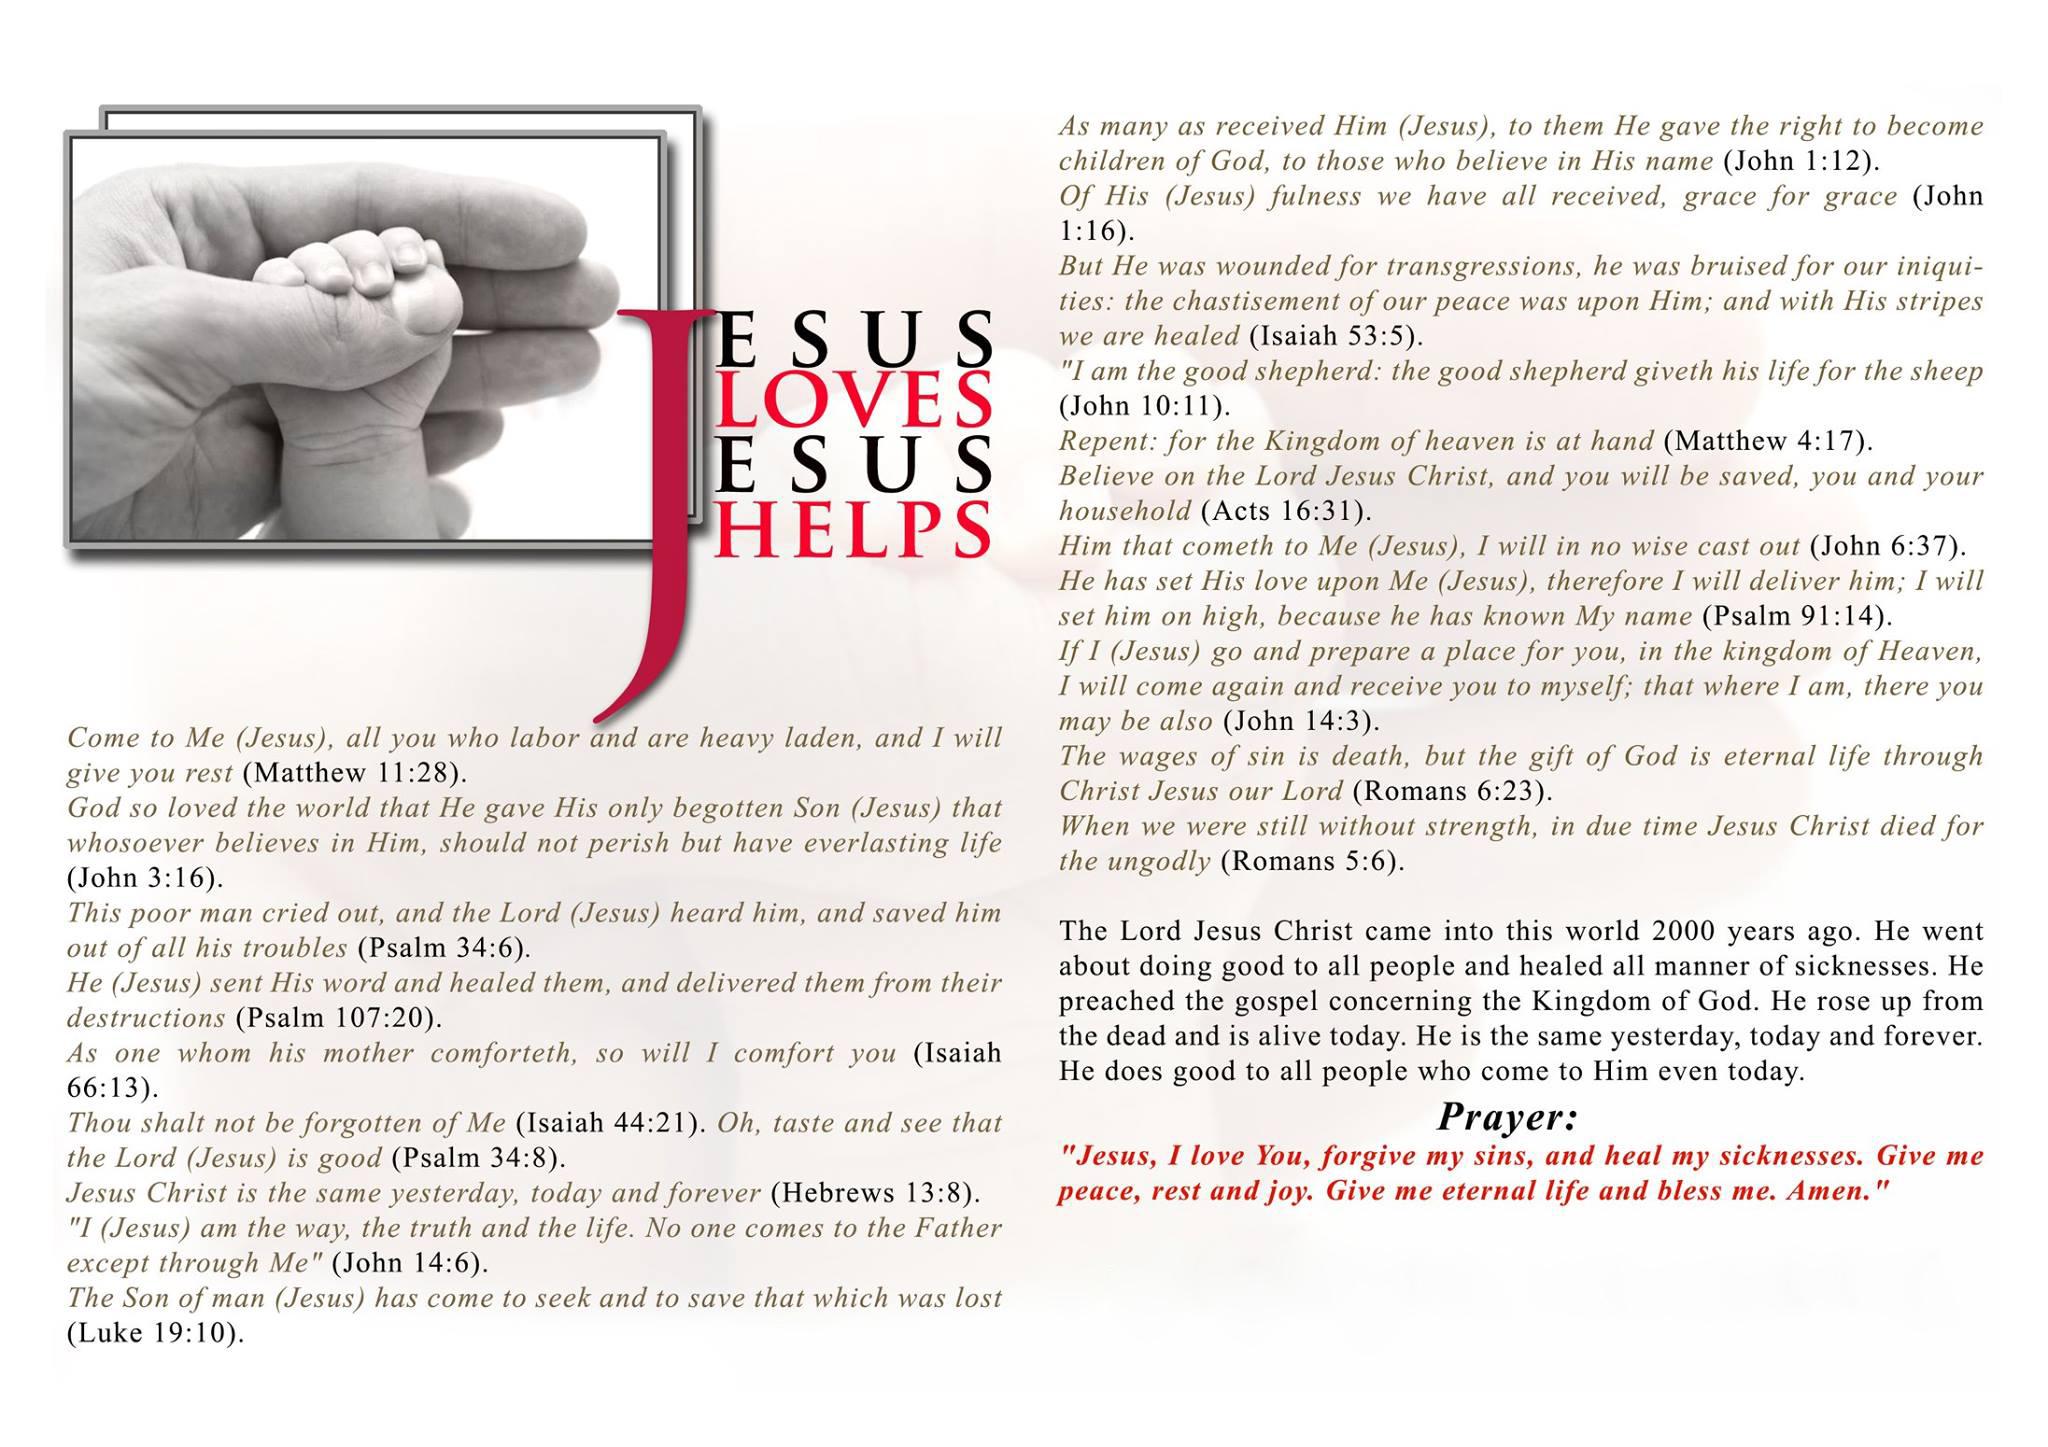 Jesus-Loves-Jesus-Helps11